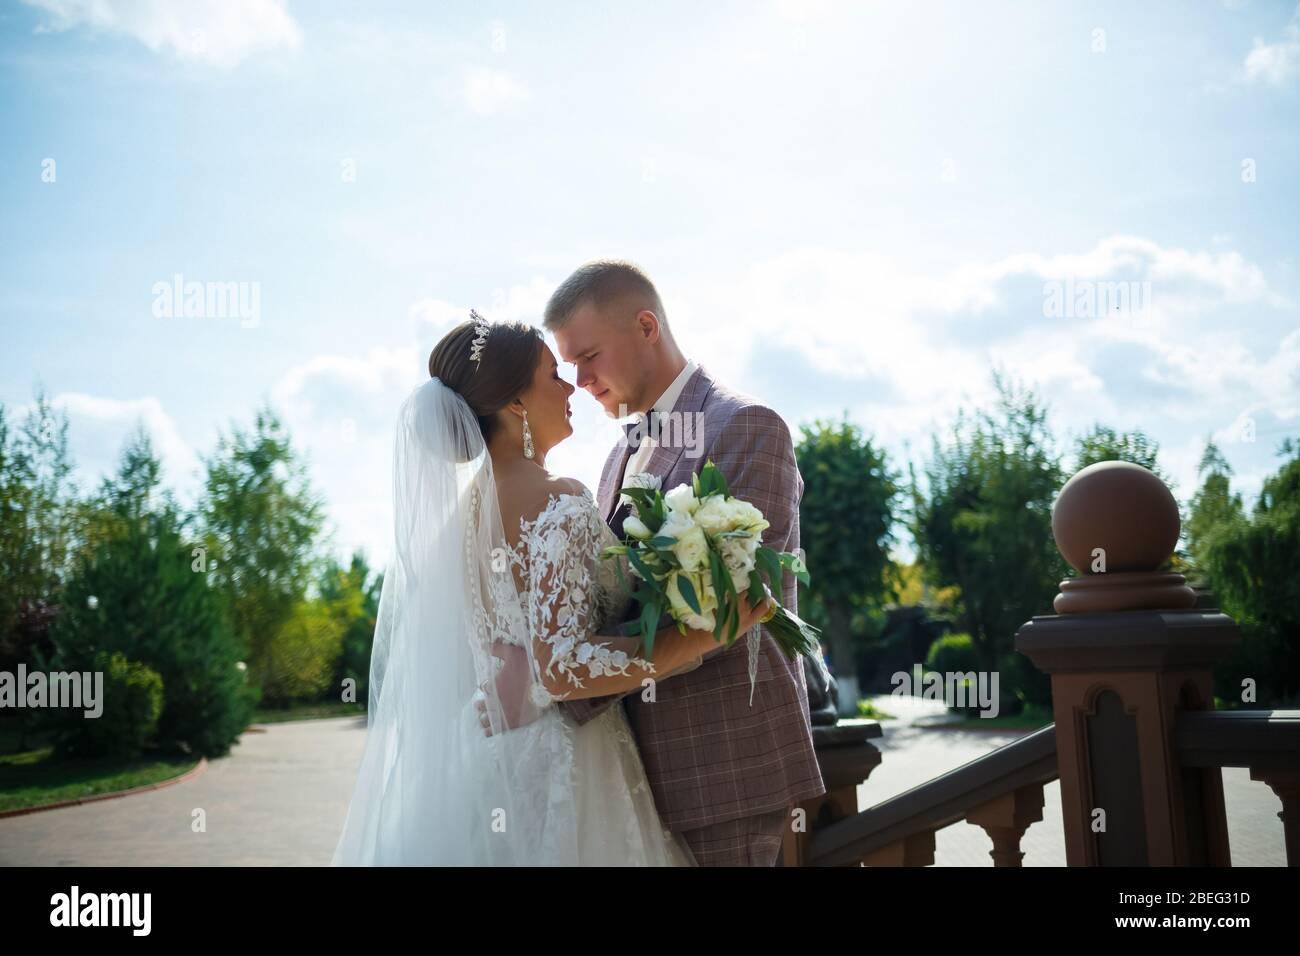 Braut im weißen Kleid und Bräutigam in Kostüm kuscheln und spazieren im Park Stockfoto